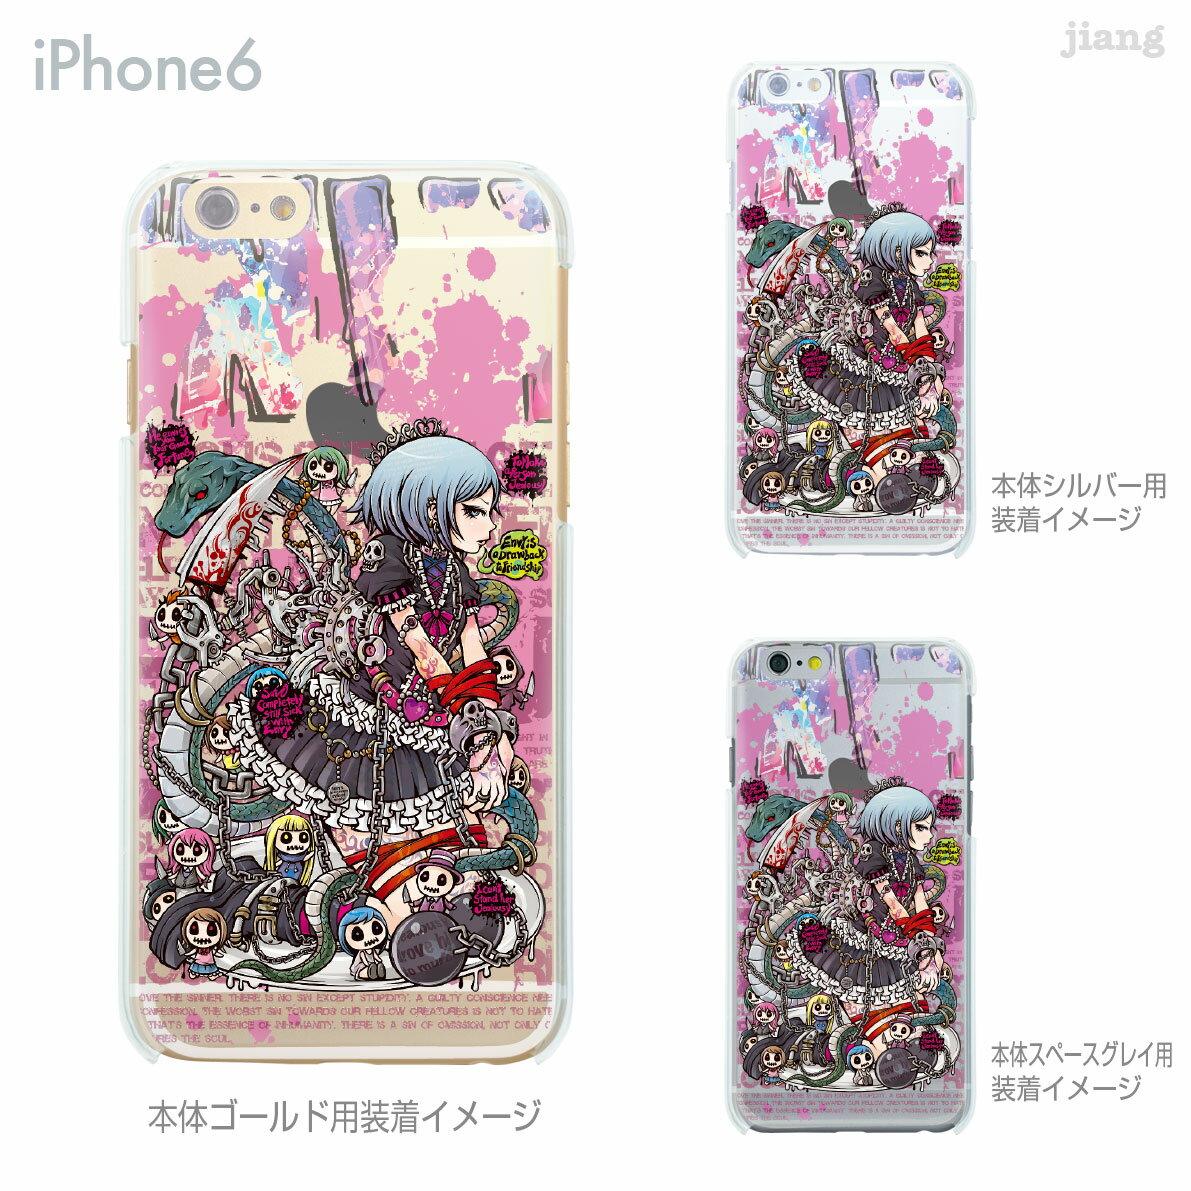 iPhoneX iPhone X ケース iPhone8 iPhone7ケース iPhone7 Plus iPhone6s iPhone6 Plus iphone ハードケース Clear Arts ケース カバー スマホケース クリアケース Project.C.K. 嫉妬 11-ip6-ca0018-s